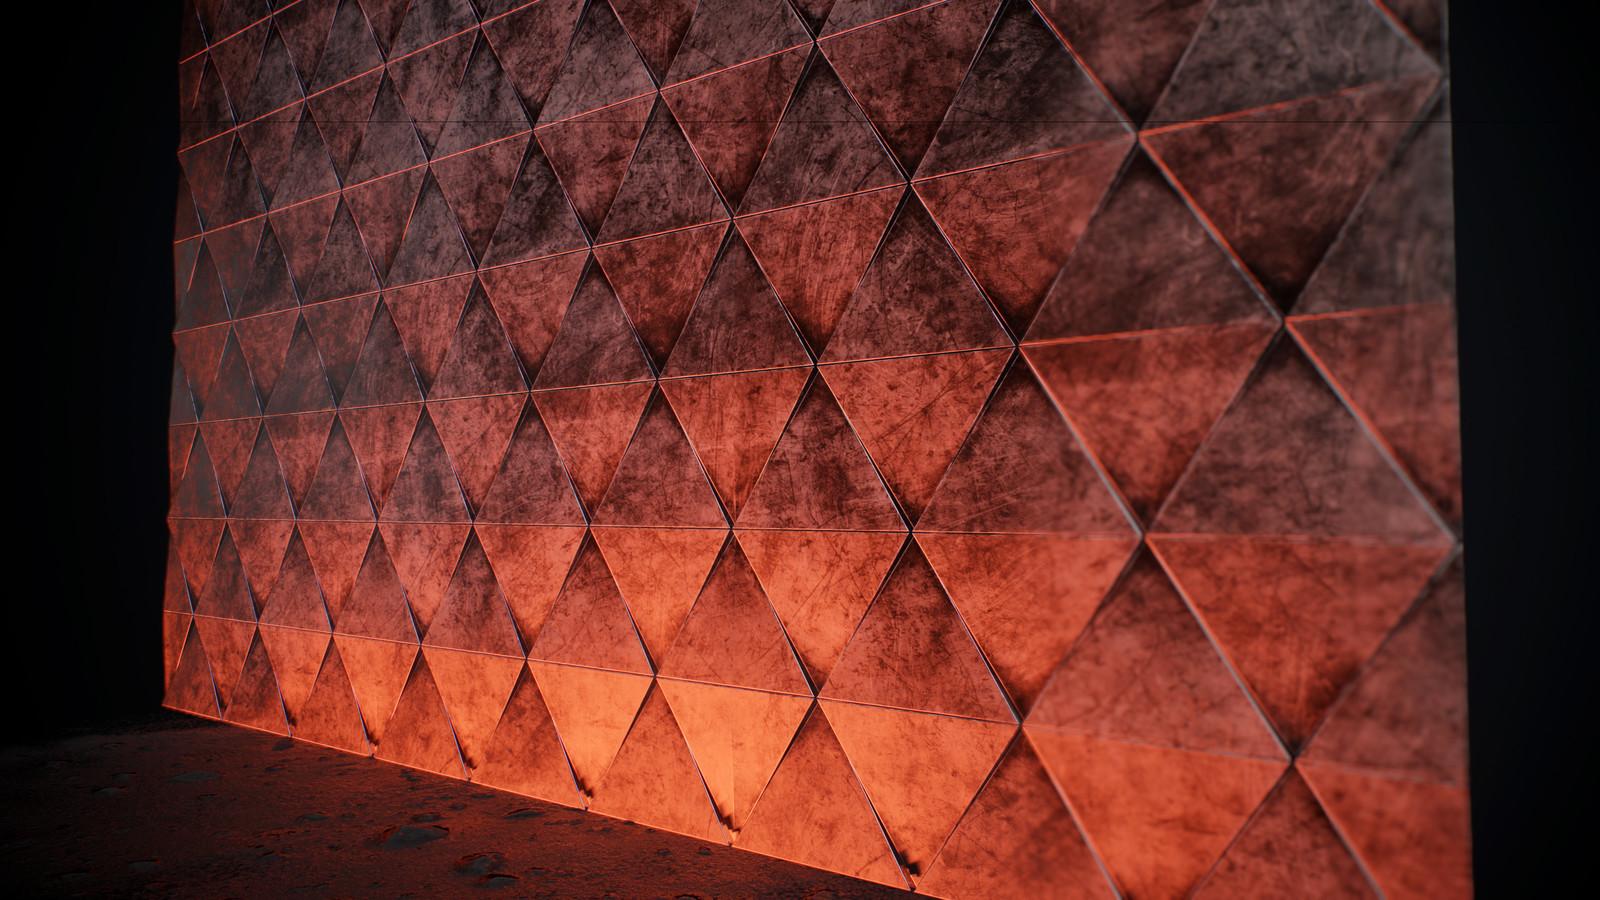 Wall tiled